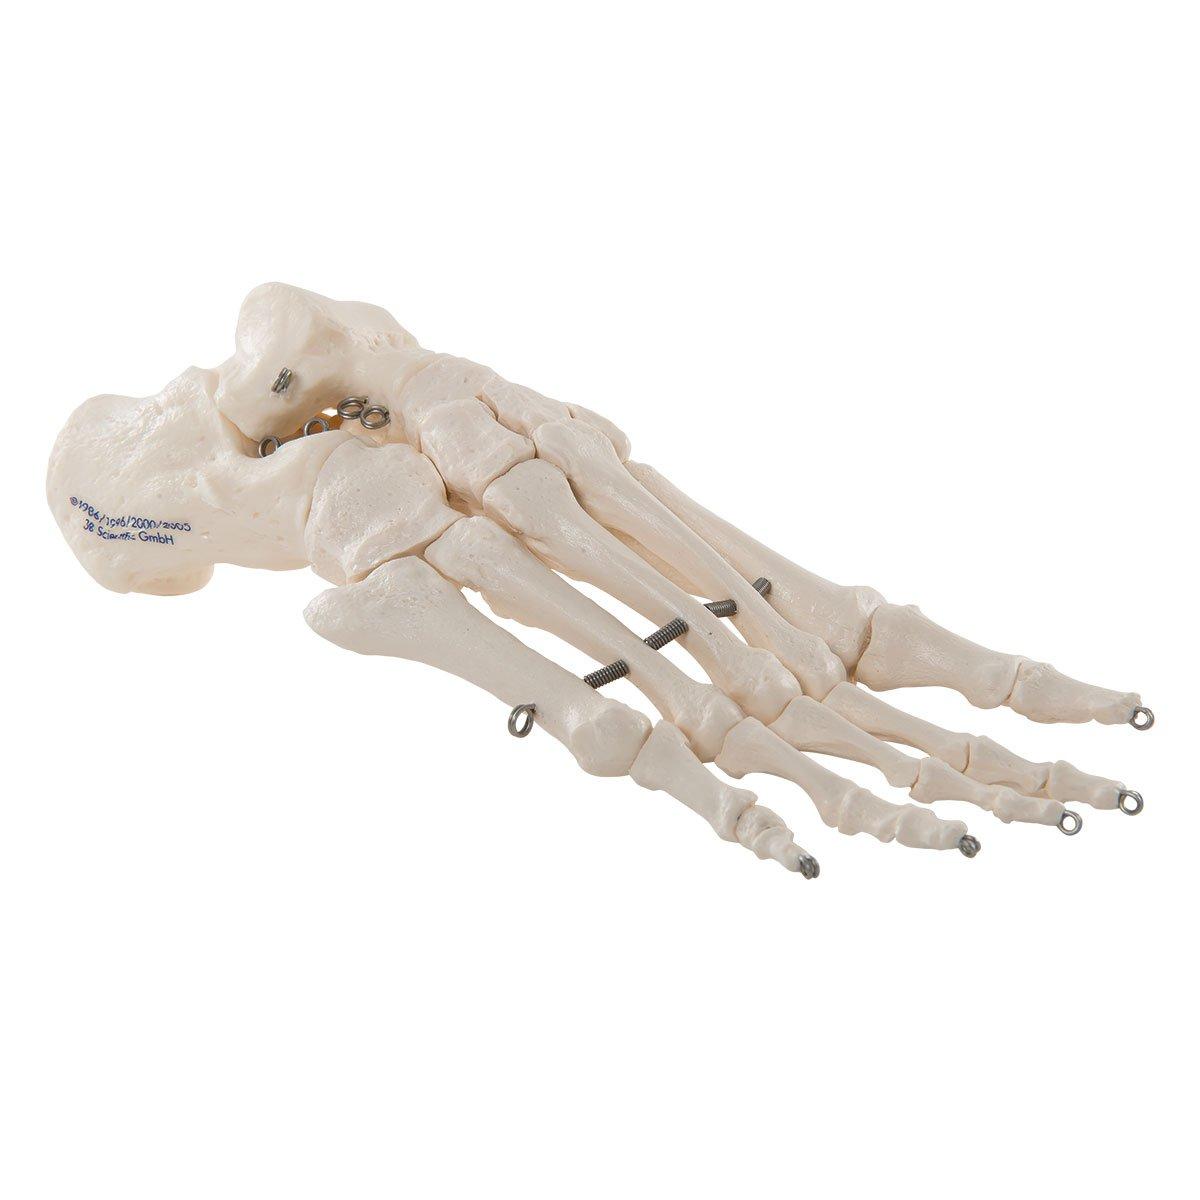 3B Scientific Menschliche Anatomie - Fußskelett auf Draht gezogen ...